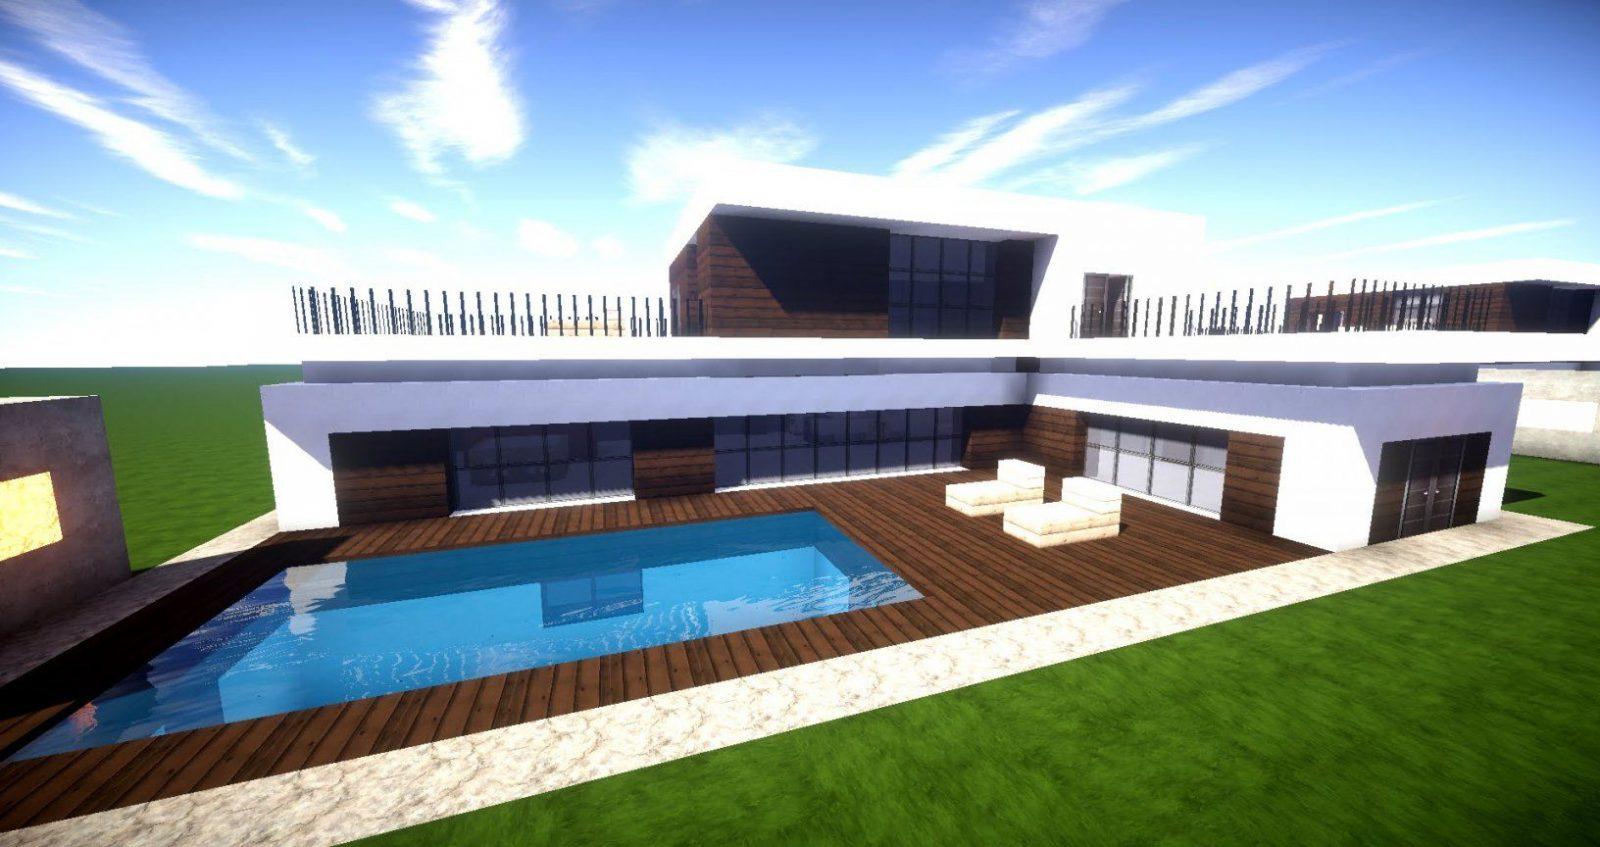 Minecraft Modernes Haus Mit Poolterrasse Bauen 27X20  Tutorial von Minecraft Villa Modern Bauplan Bild